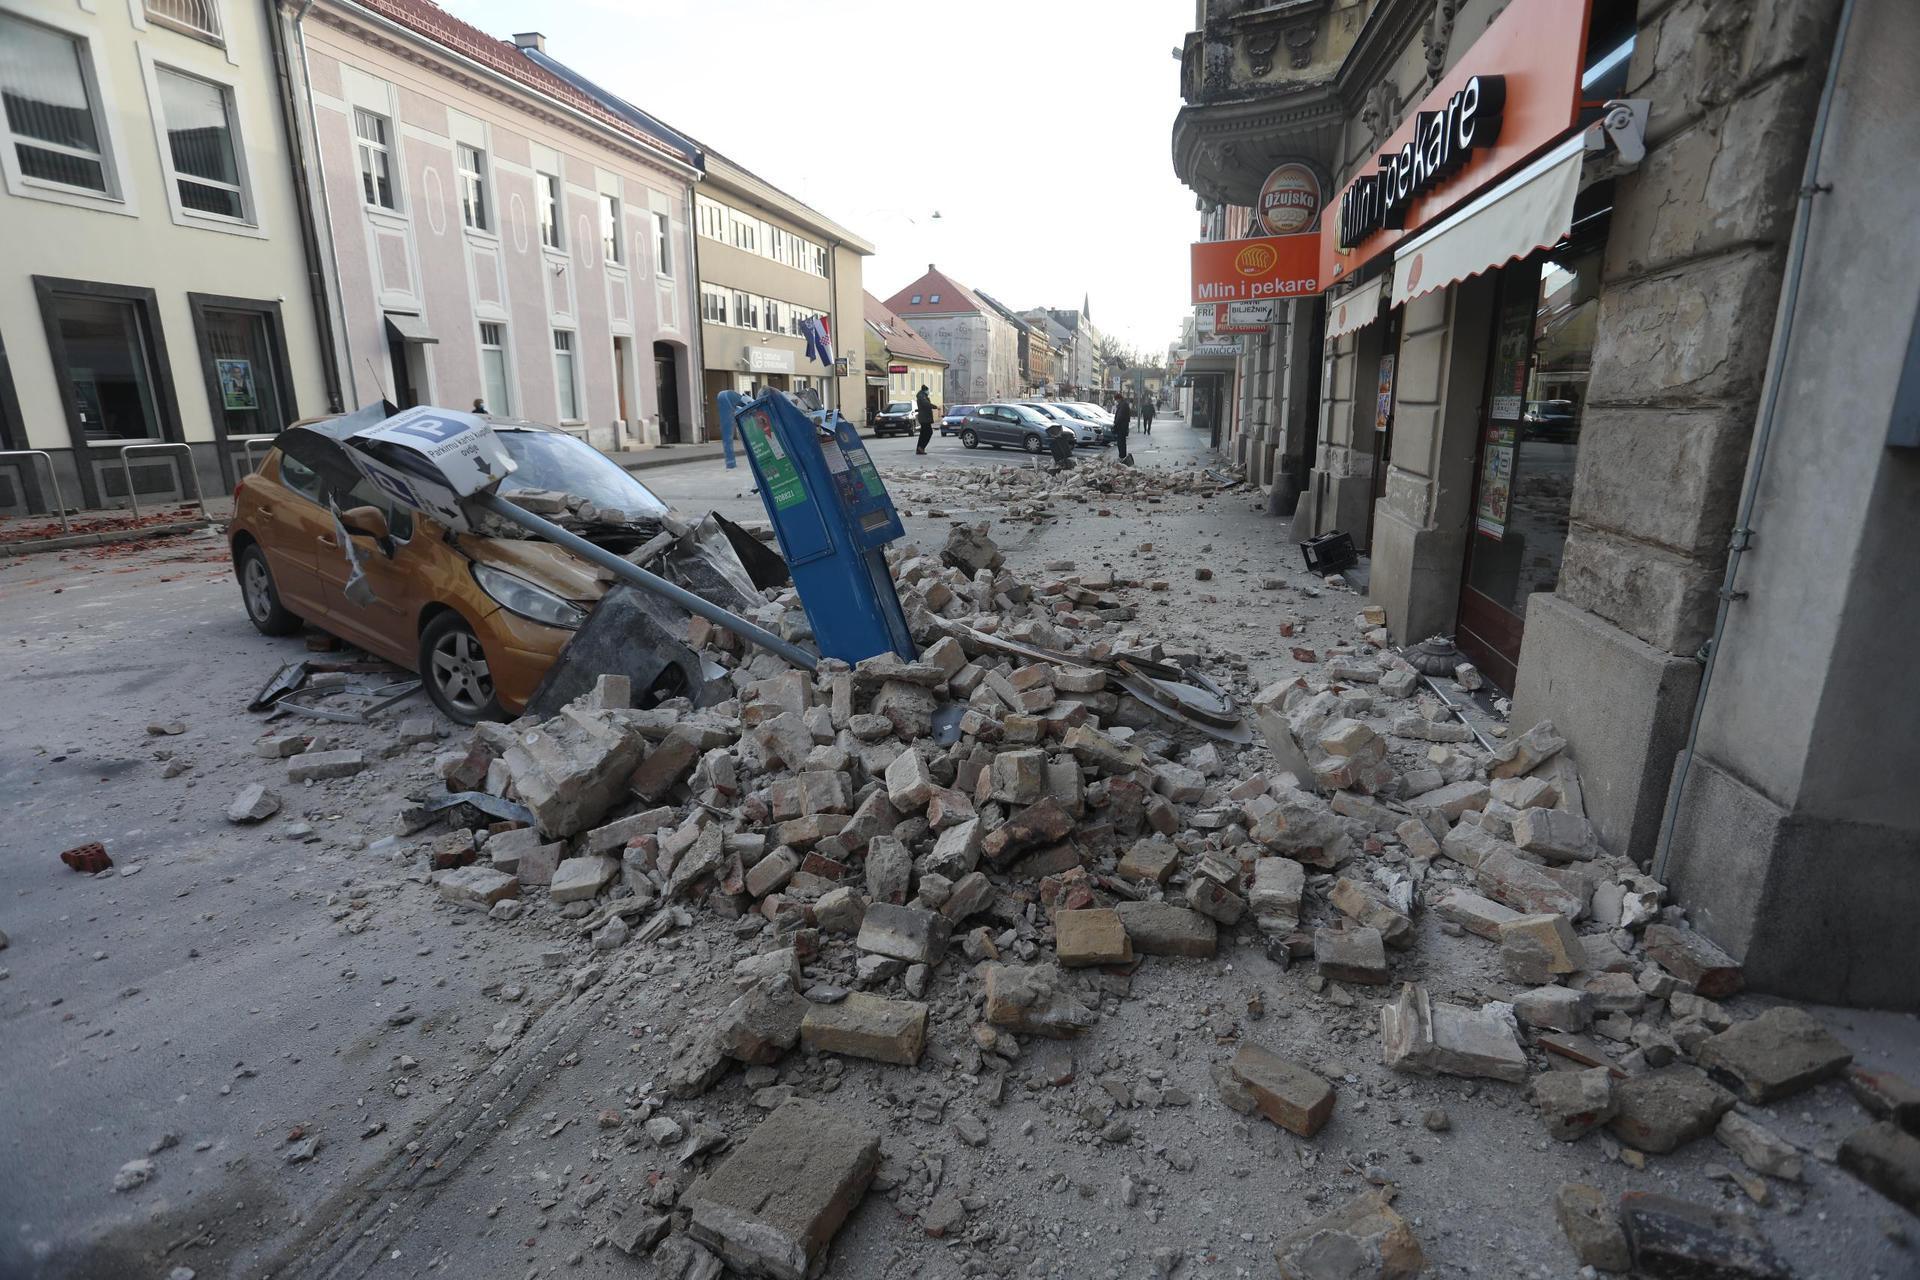 Weitere Erdbeben in Kroatien Bevölkerung in Angst